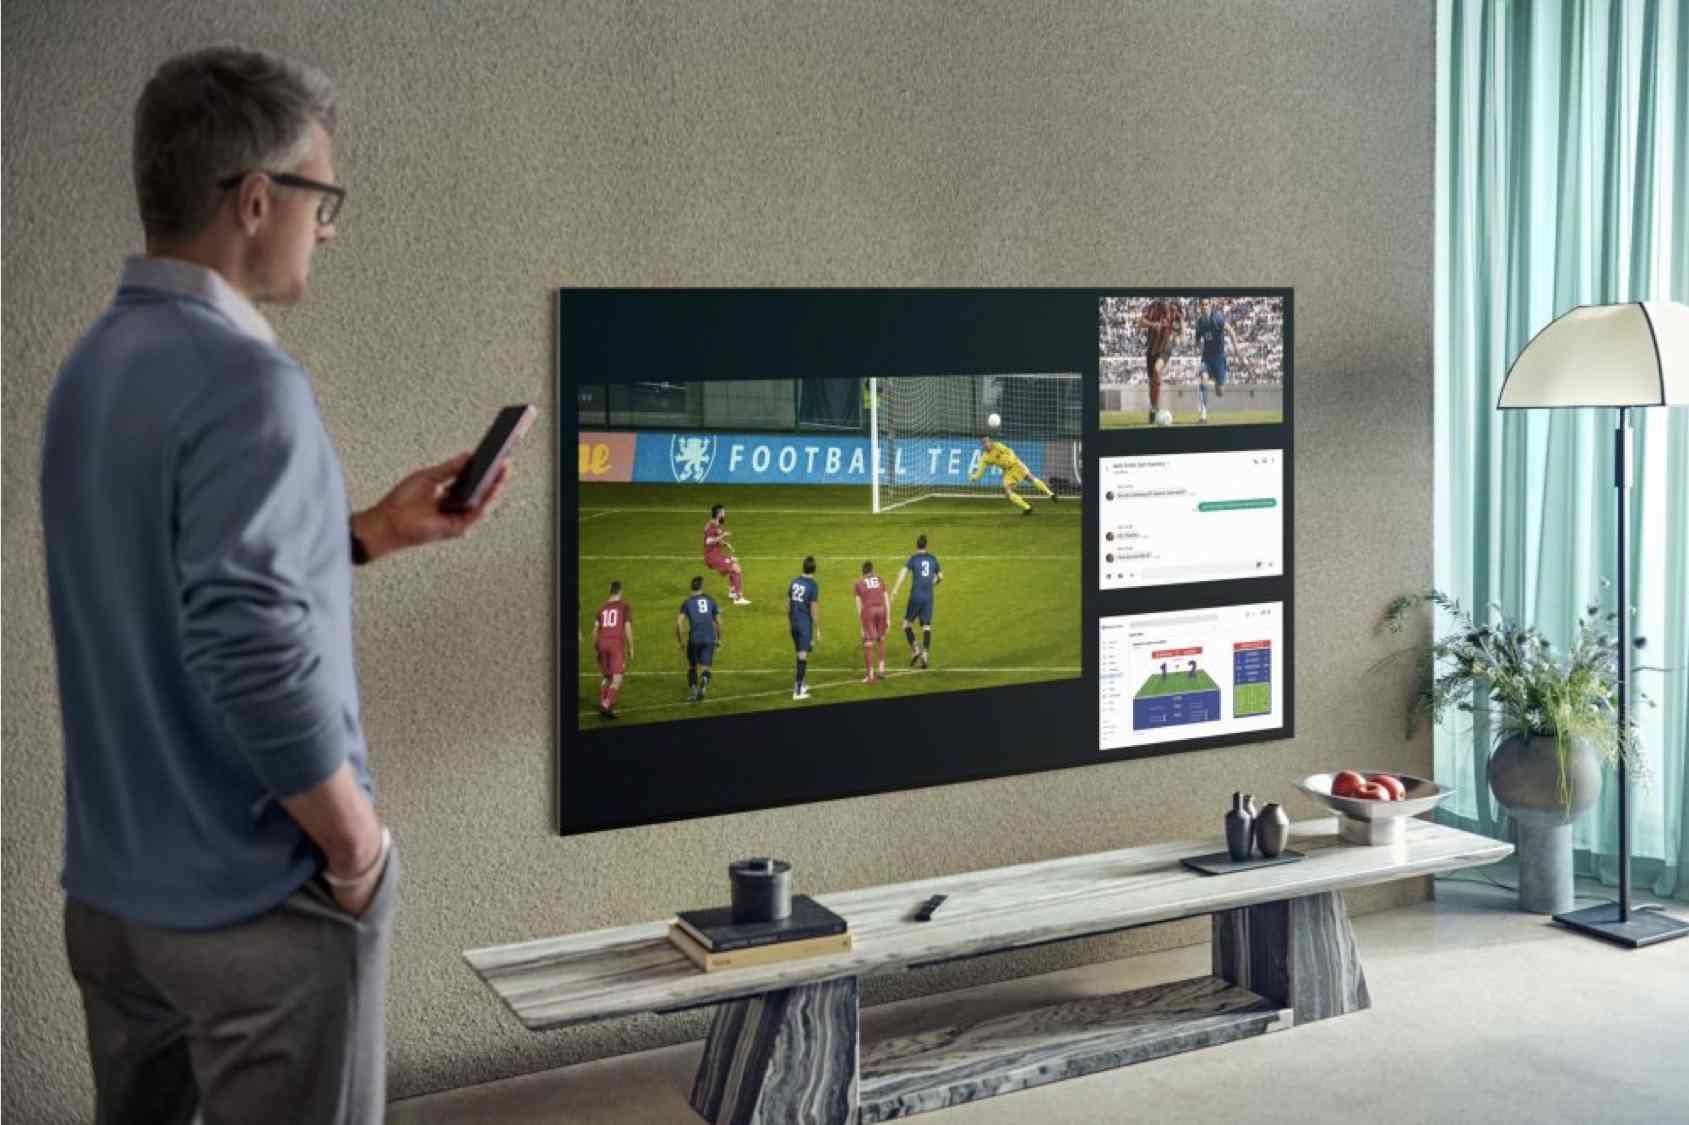 Pantalla Múltiple, la función de los Smart TVs Samsung para disfrutar hasta de cuatro contenidos en simultáneo